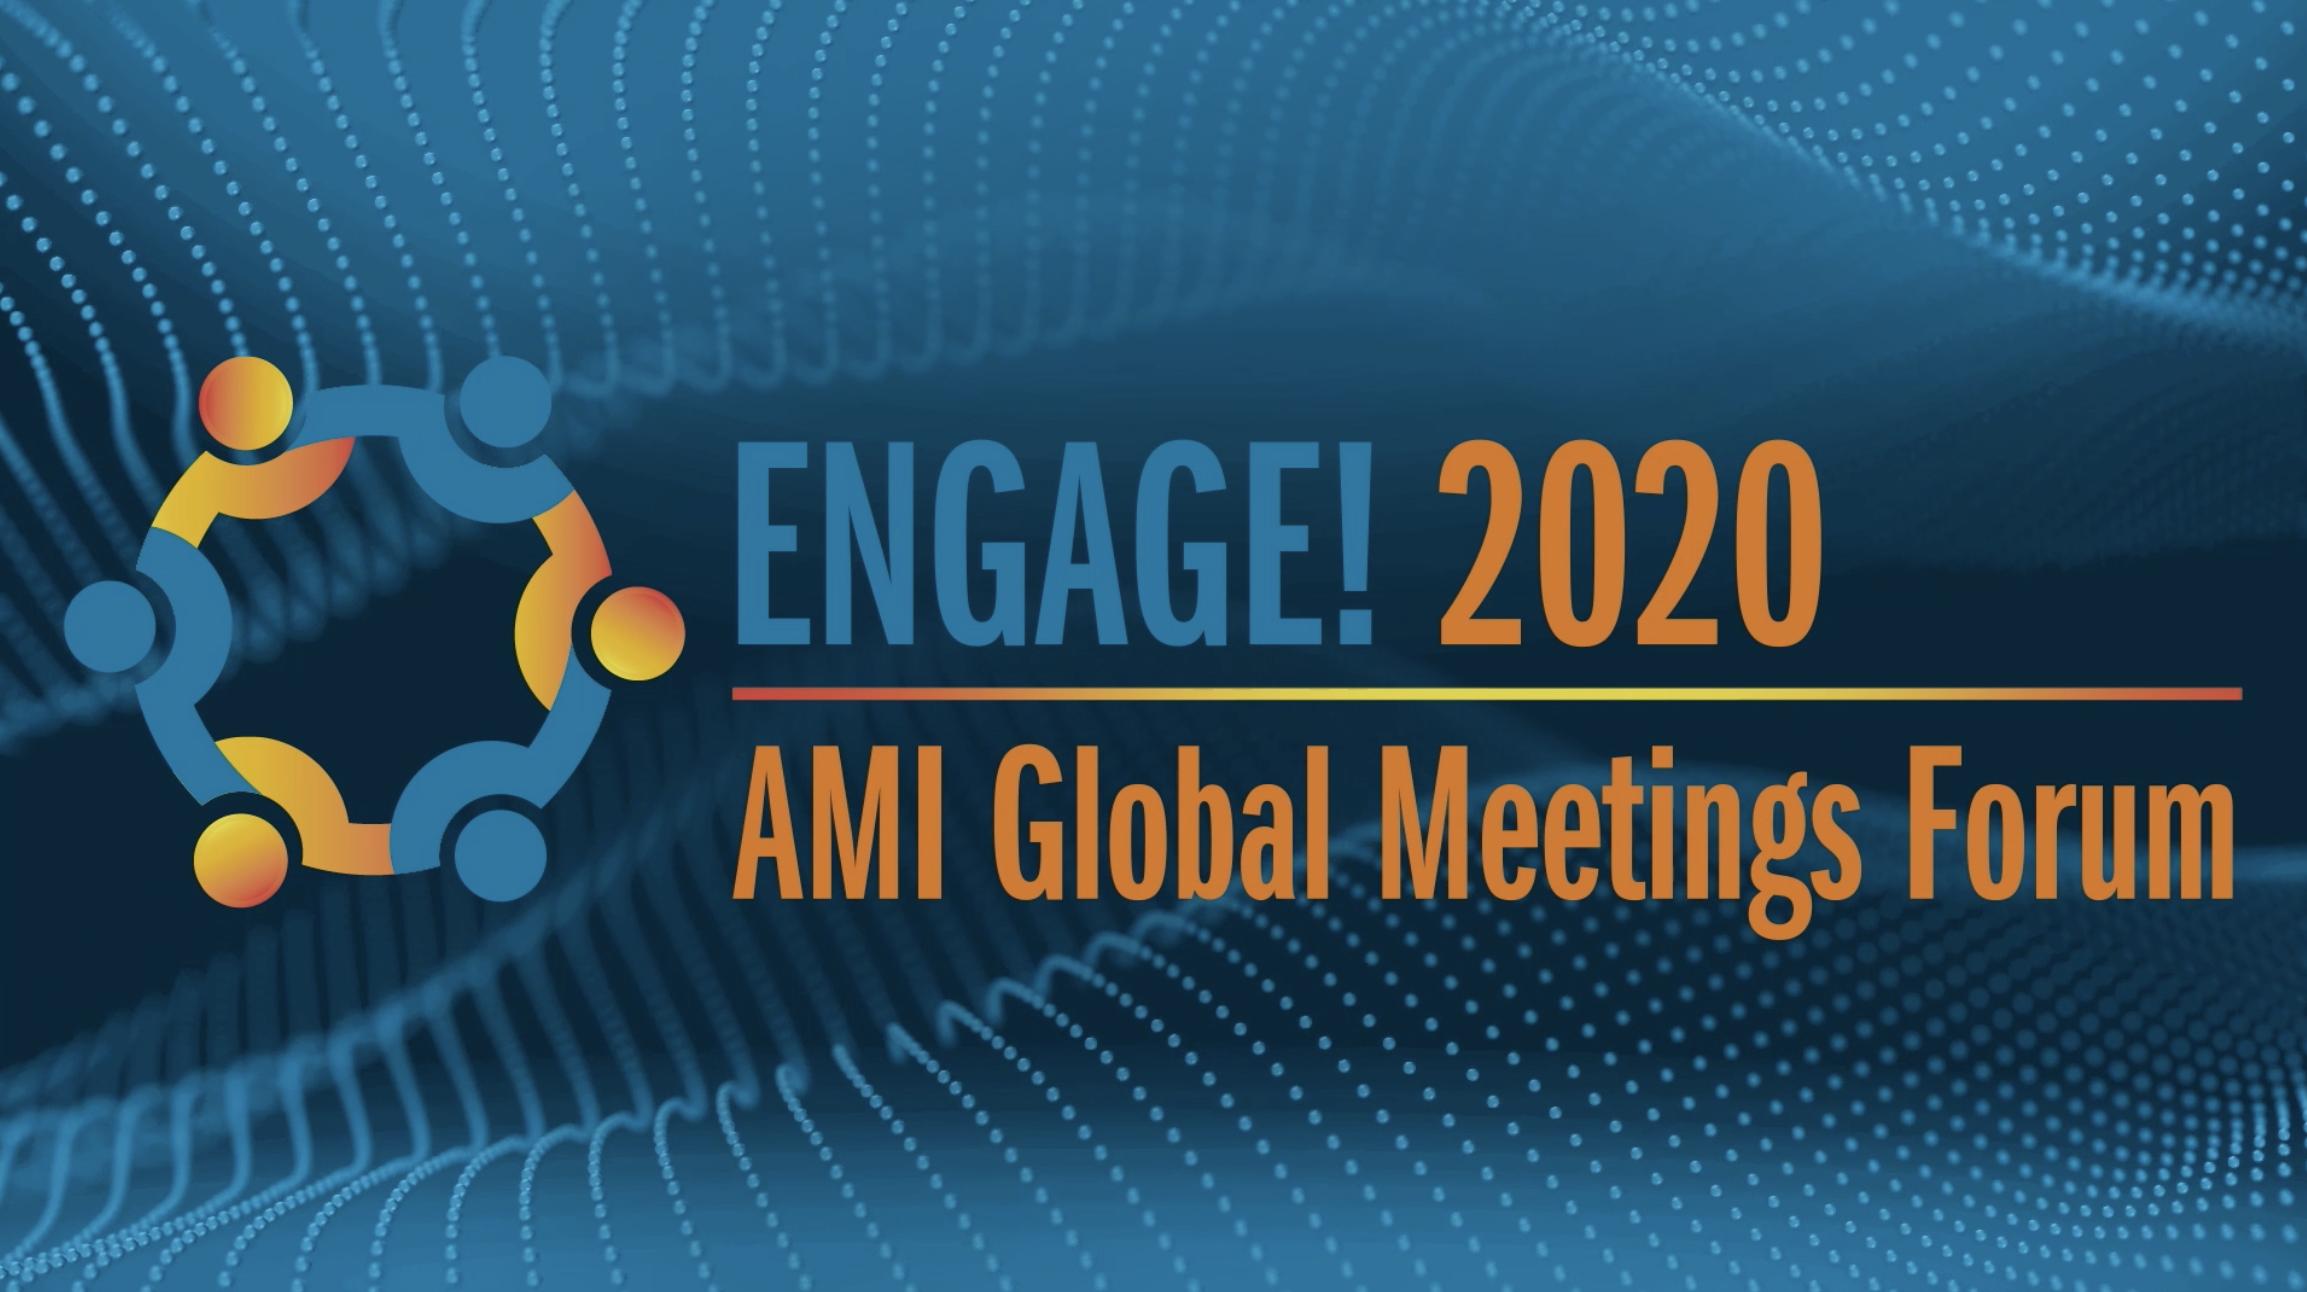 AMI Engage 2020 Recap_V1 (2) 2